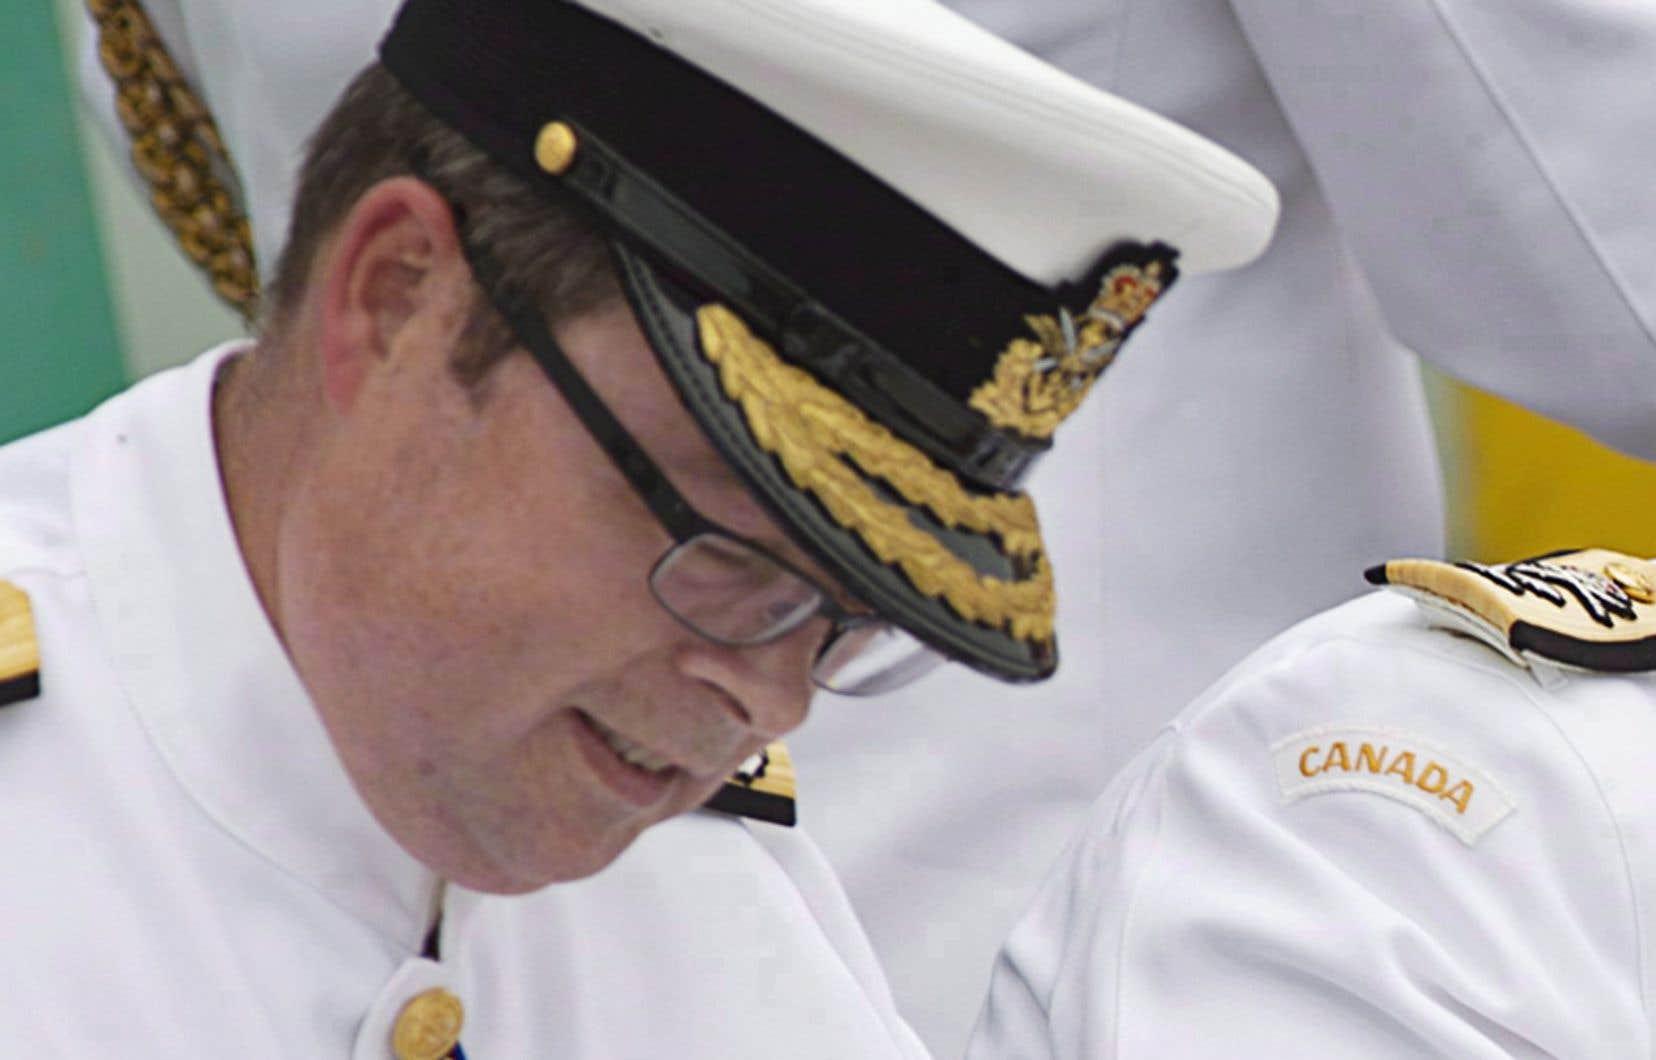 Le vice-amiral Mark Norman fait face à une accusation criminelle d'abus de confiance, a annoncé la GRC vendredi.